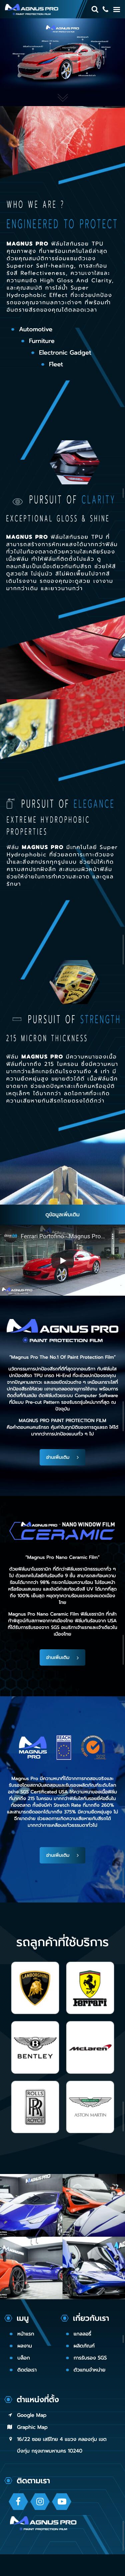 magnuspro website Mobile